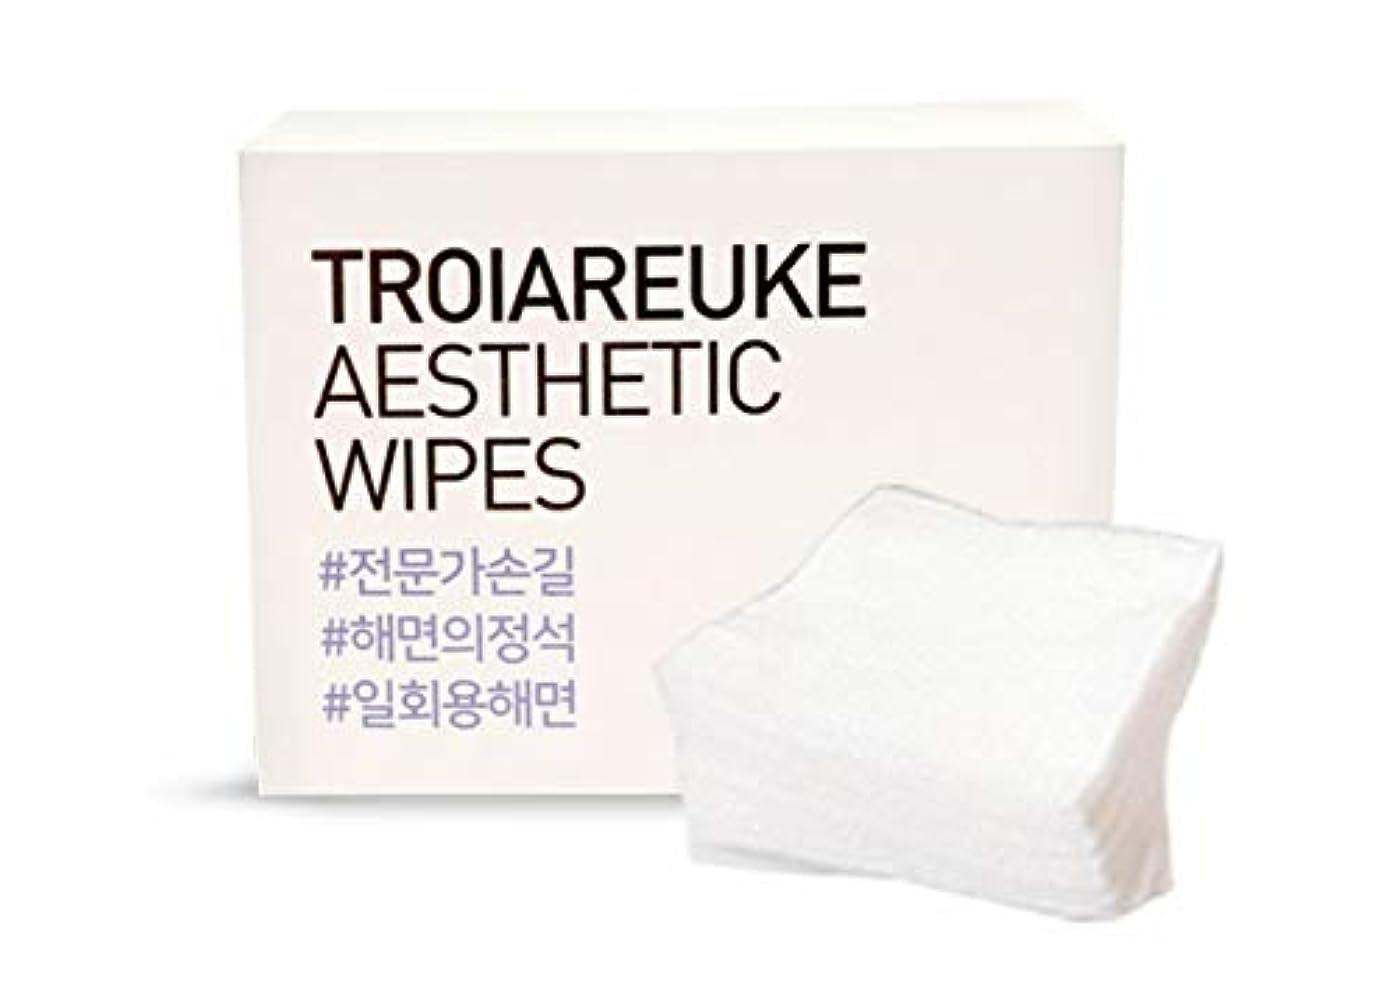 登山家流統治可能TROIAREUKE (トロイアルケ) エステティック 海綿 コットン/Aesthetic Wipes (100枚)